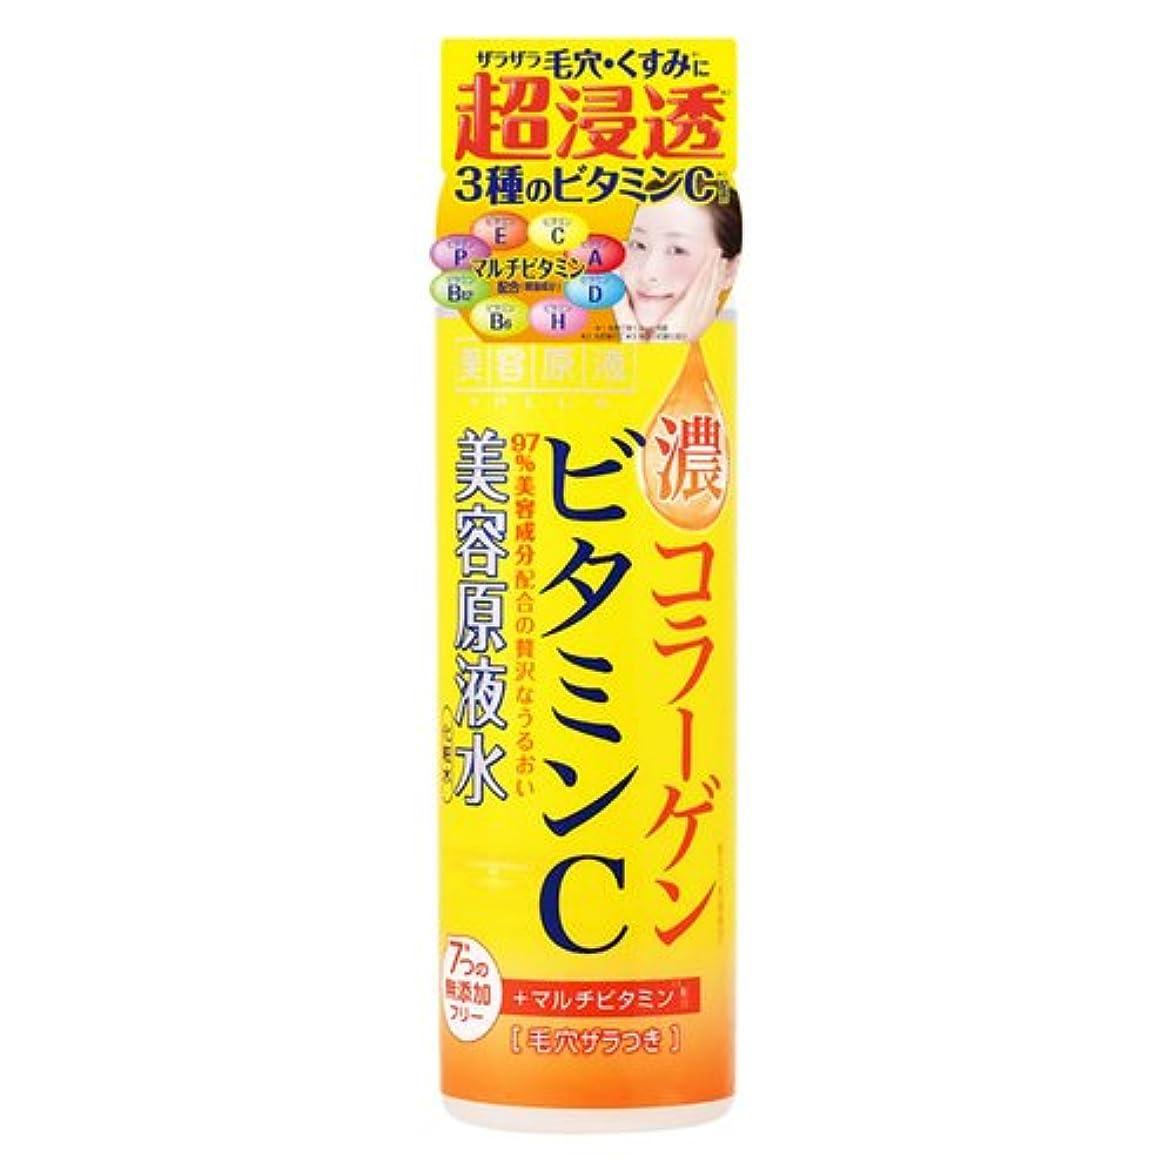 酸化物検閲頭美容原液 超潤化粧水VC 185mL